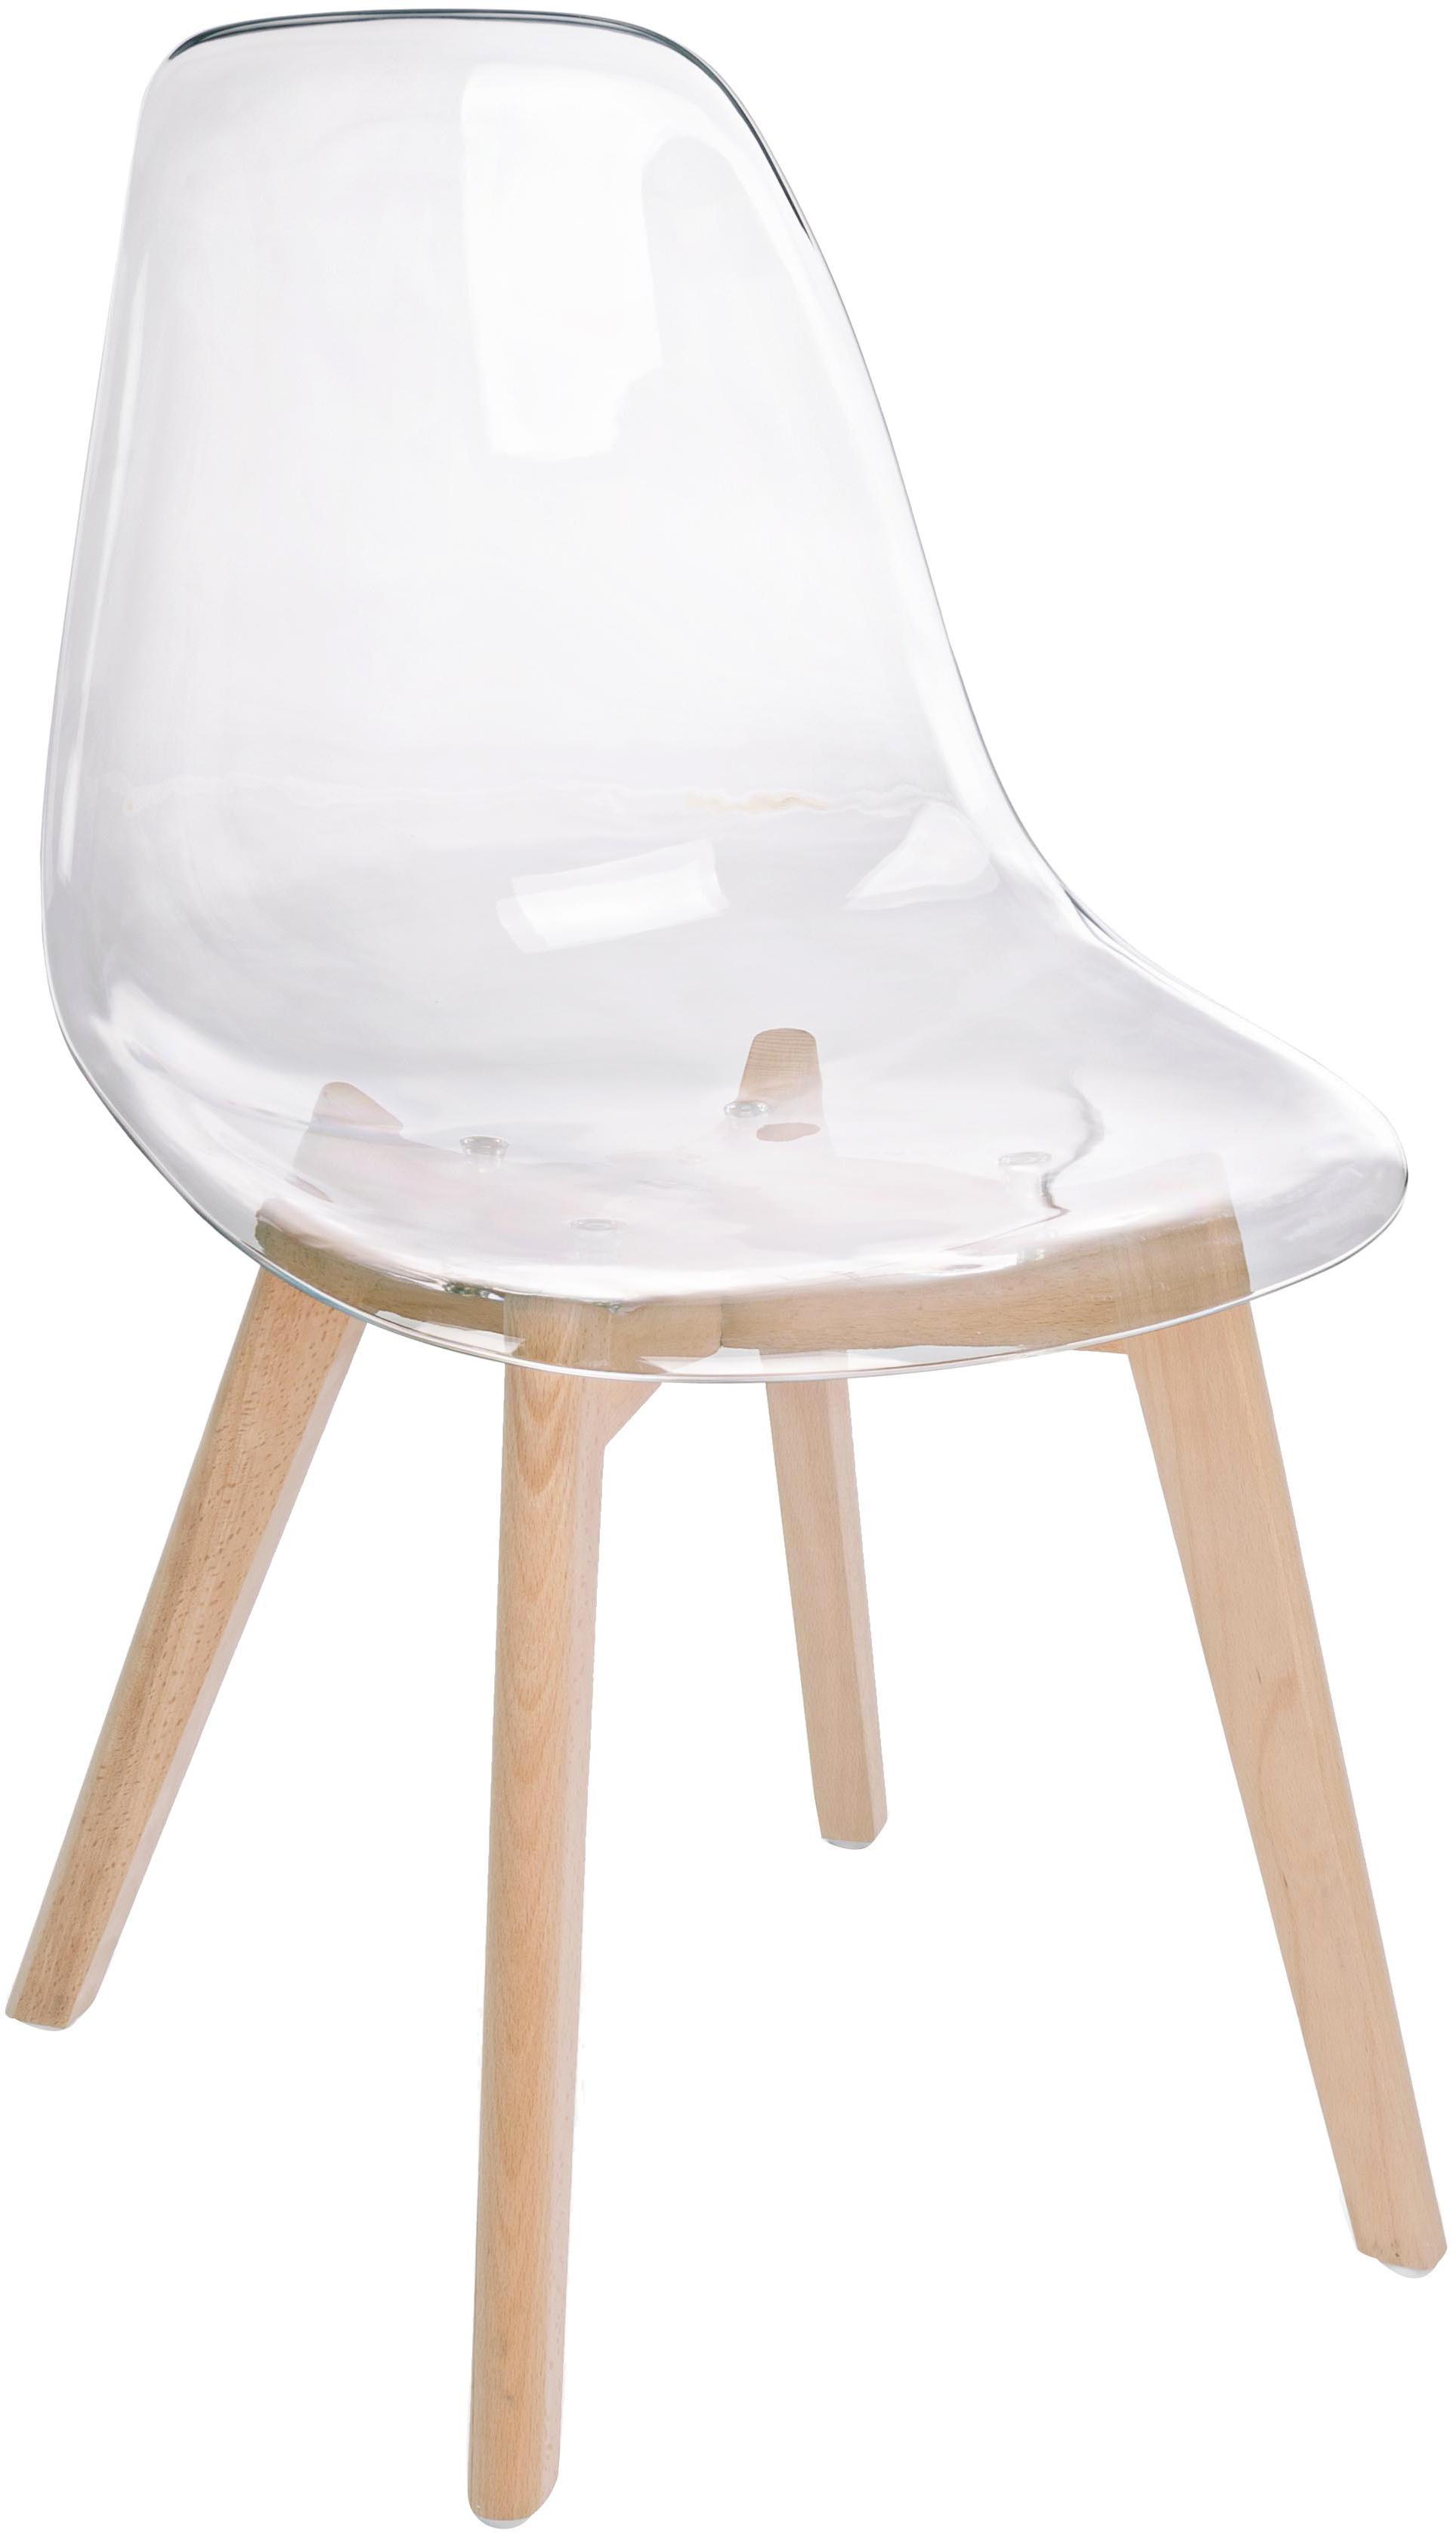 Stoelen Easy, 2 stuks, Zitvlak: kunststof, Poten: beukenhout, Transparant, beukenhout, B 52 x D 47 cm